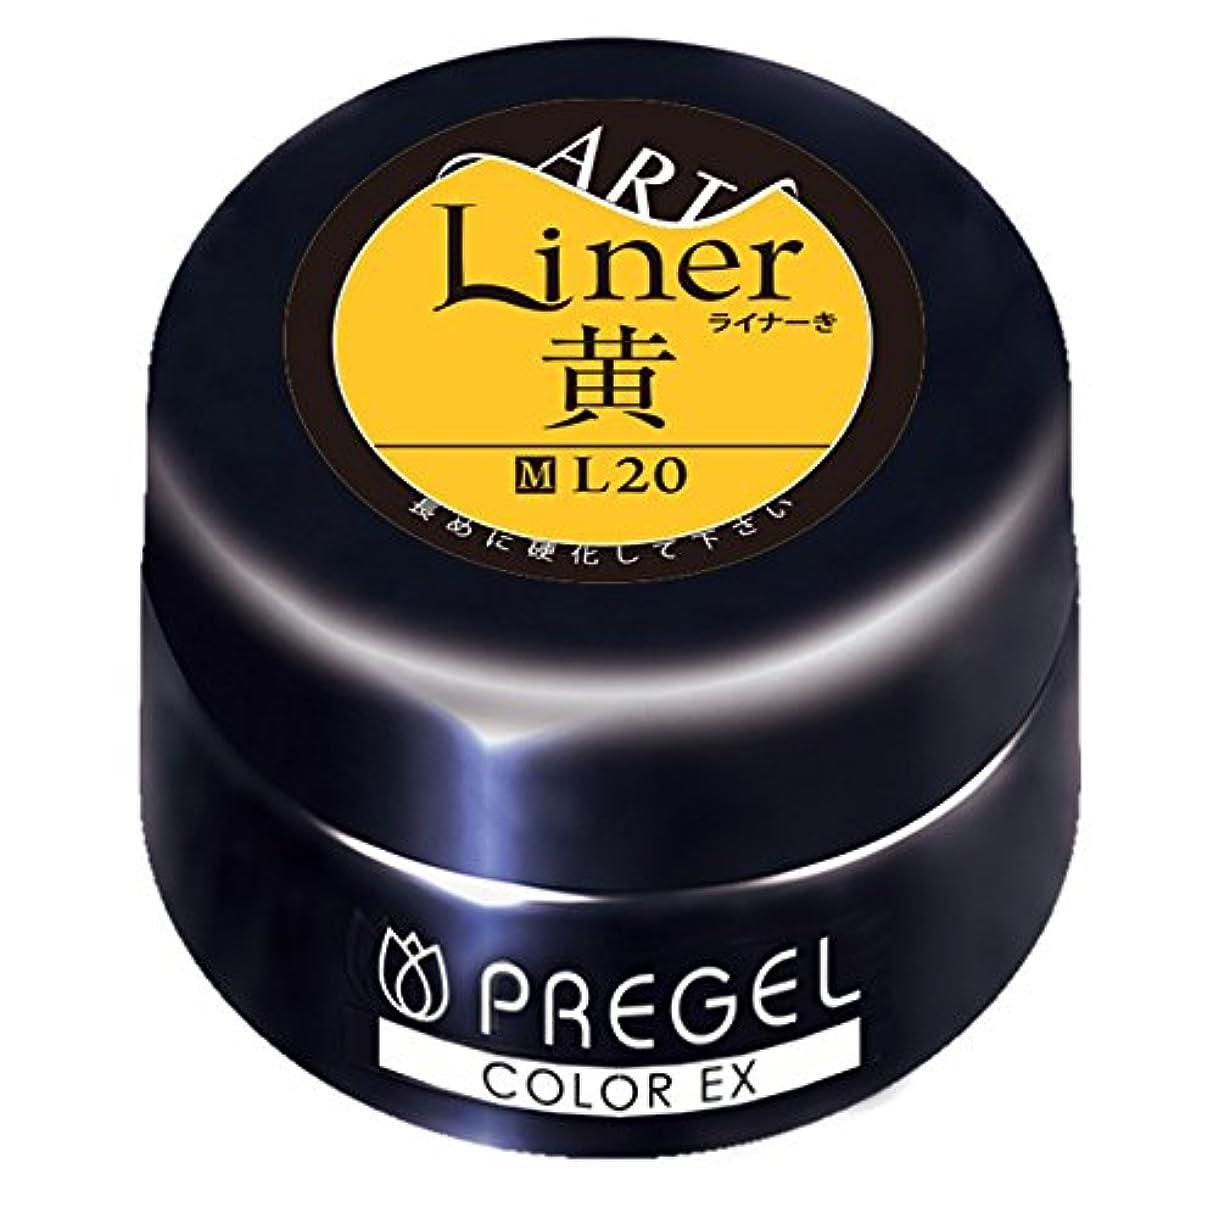 いうシェフアーティキュレーションPRE GEL カラーEX ライナー黄 3g PG-CEL20 UV/LED対応